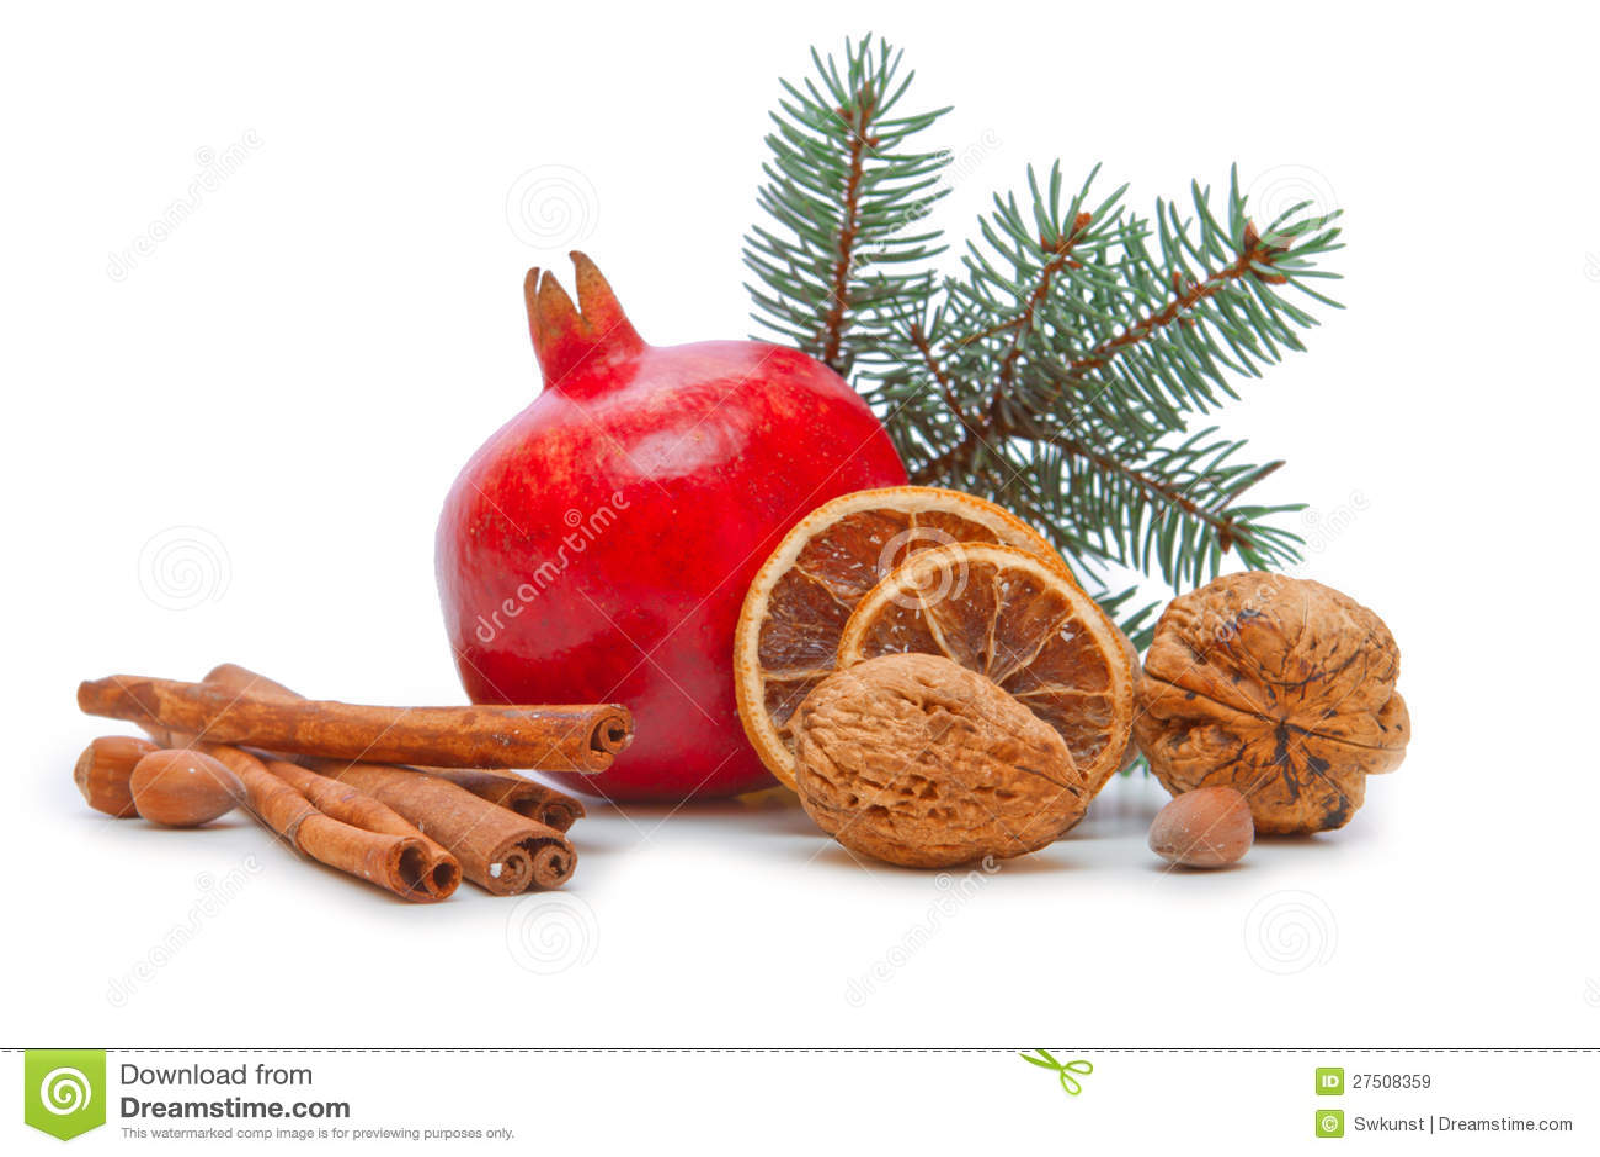 De decoratie van de granaatappel en van kerstmis royalty vrije stock afbeeldingen beeld 27508359 - Decoratie van de kamers van de meiden ...